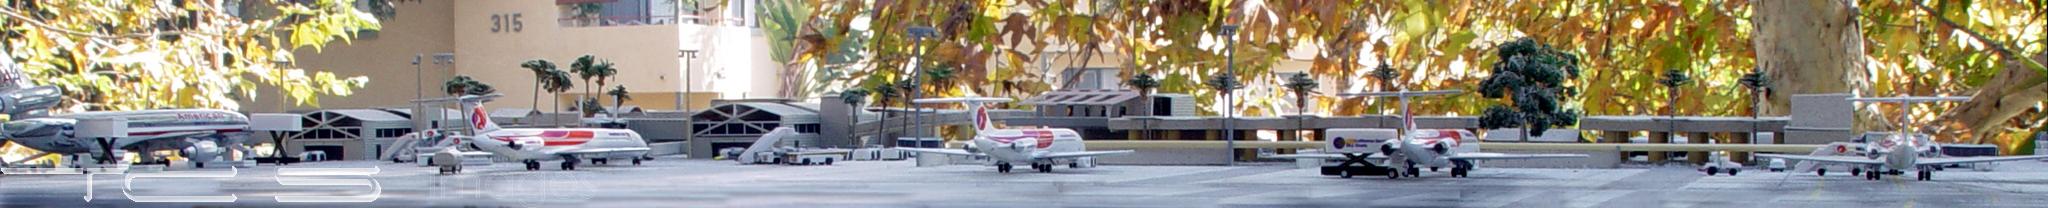 Hawaiian Air DC-9-32 / 51